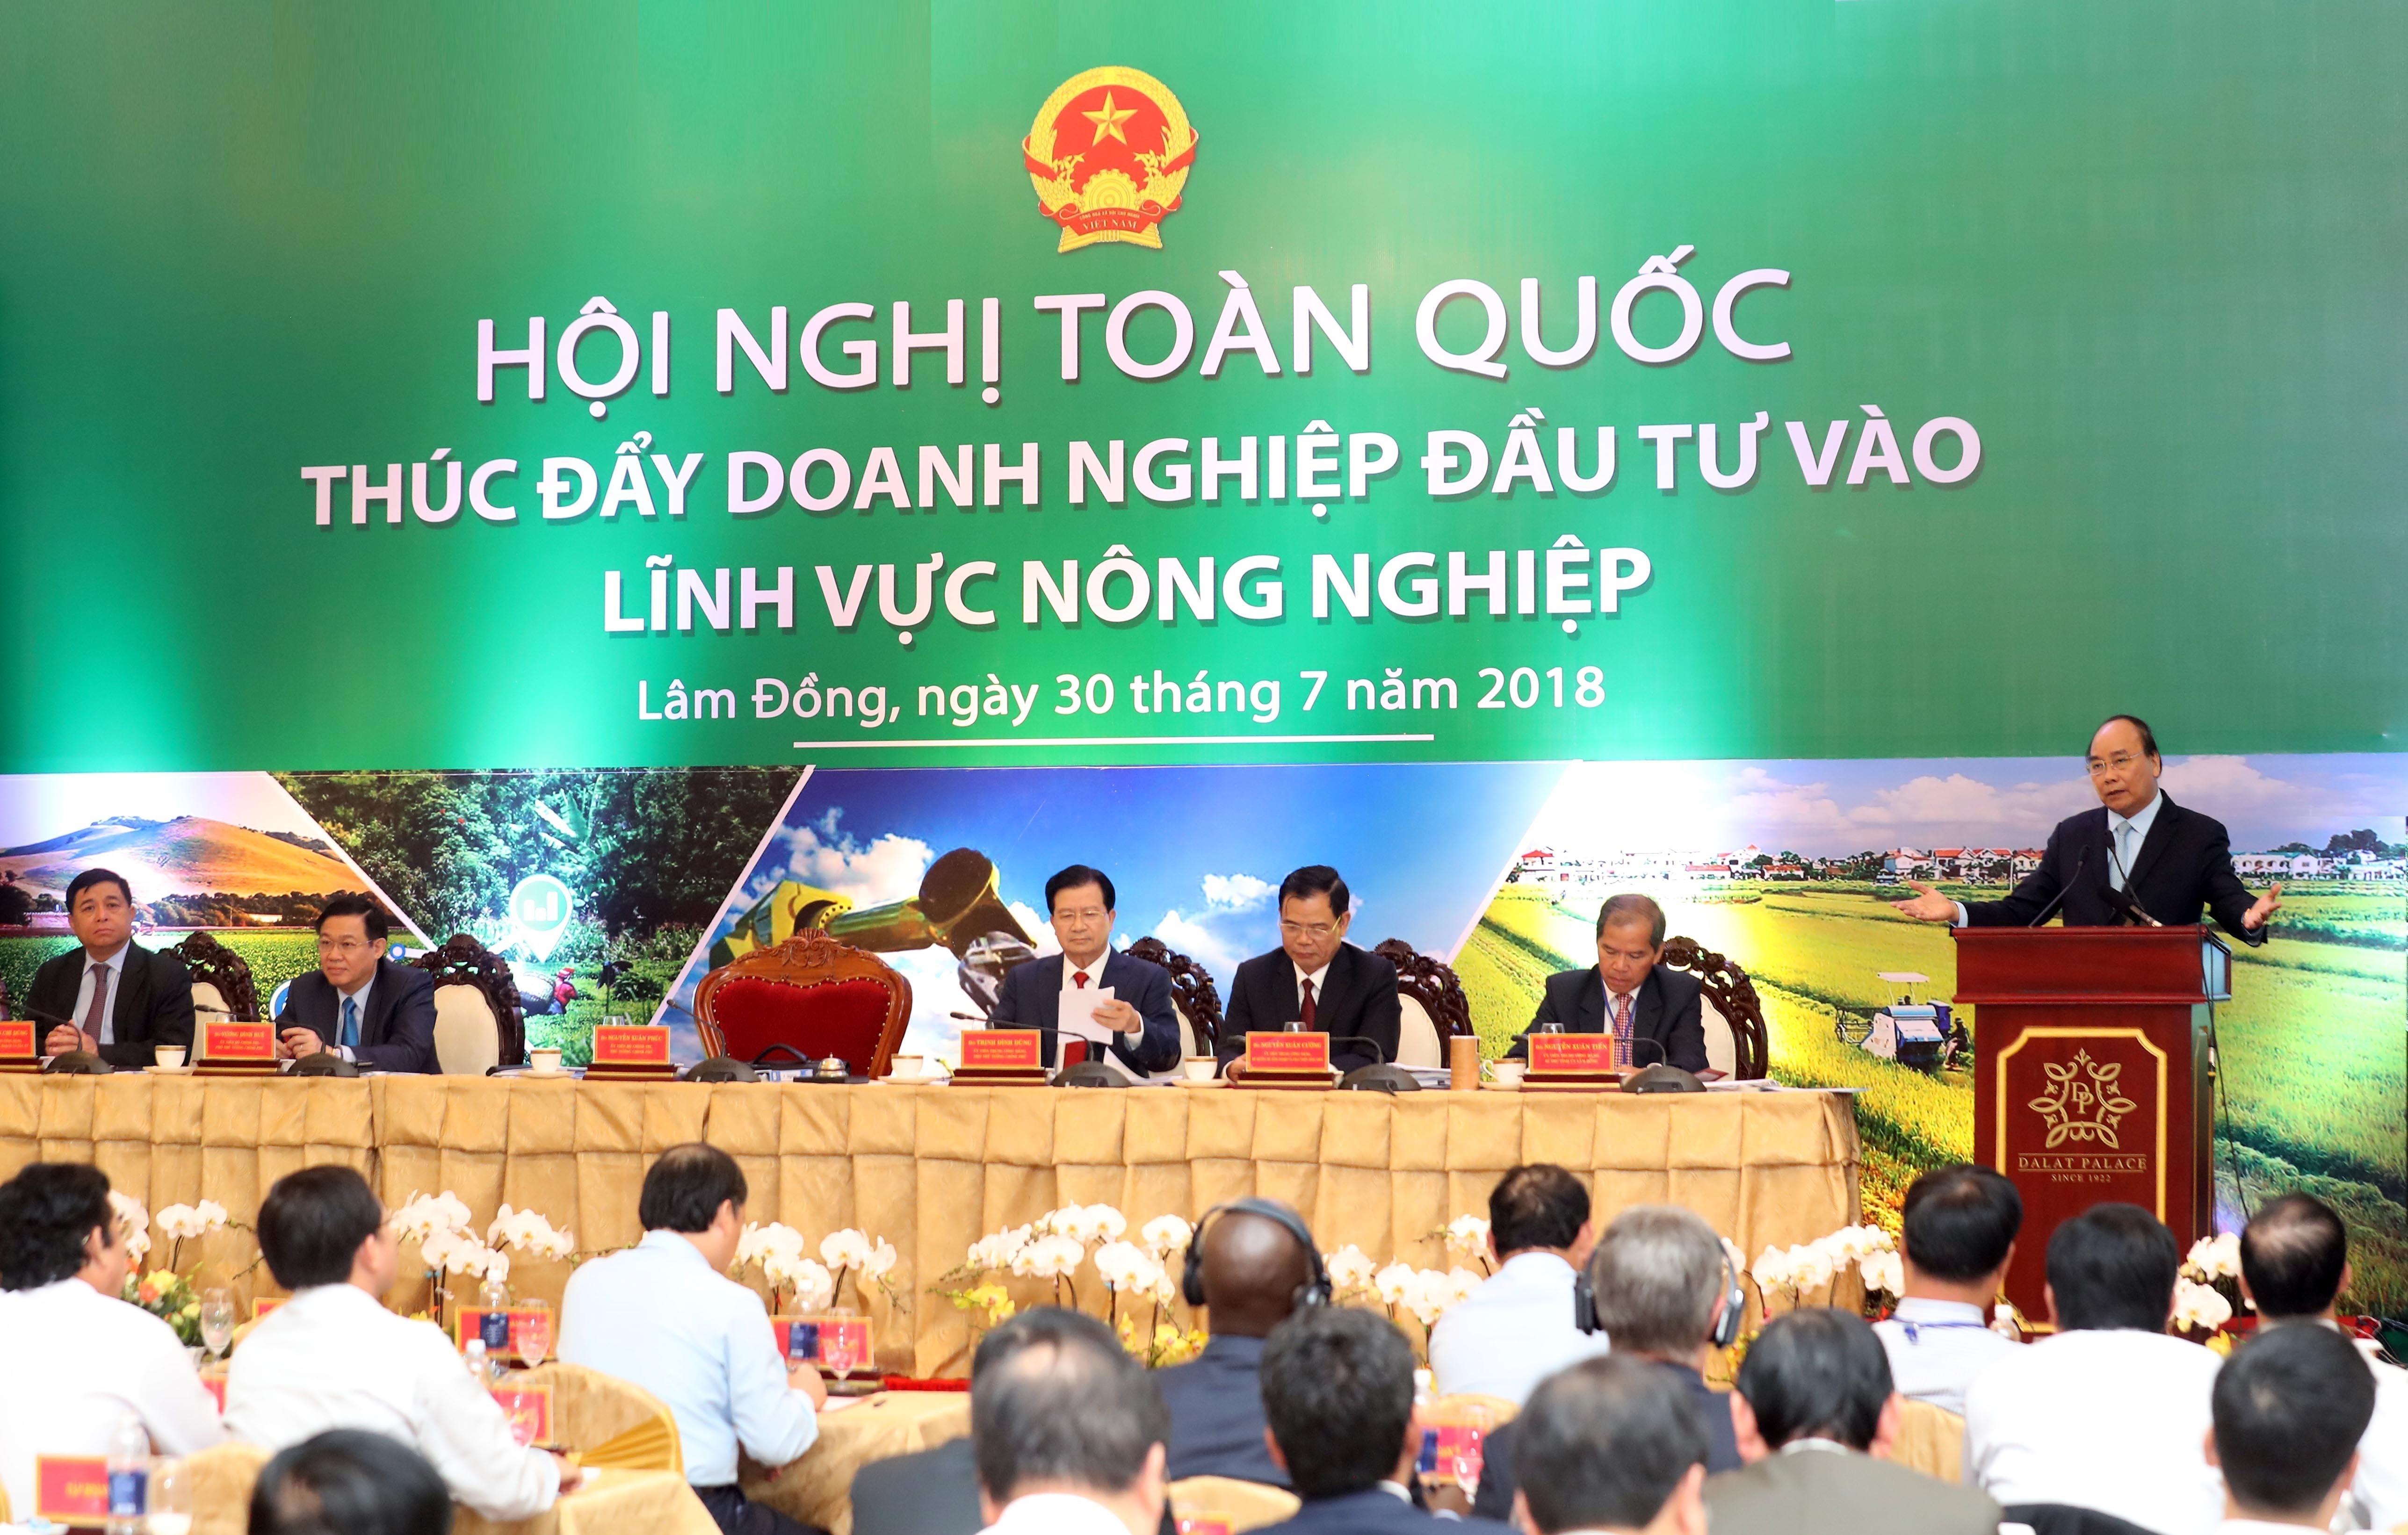 Thủ tướng Chính phủ phát biểu tại hội nghị.